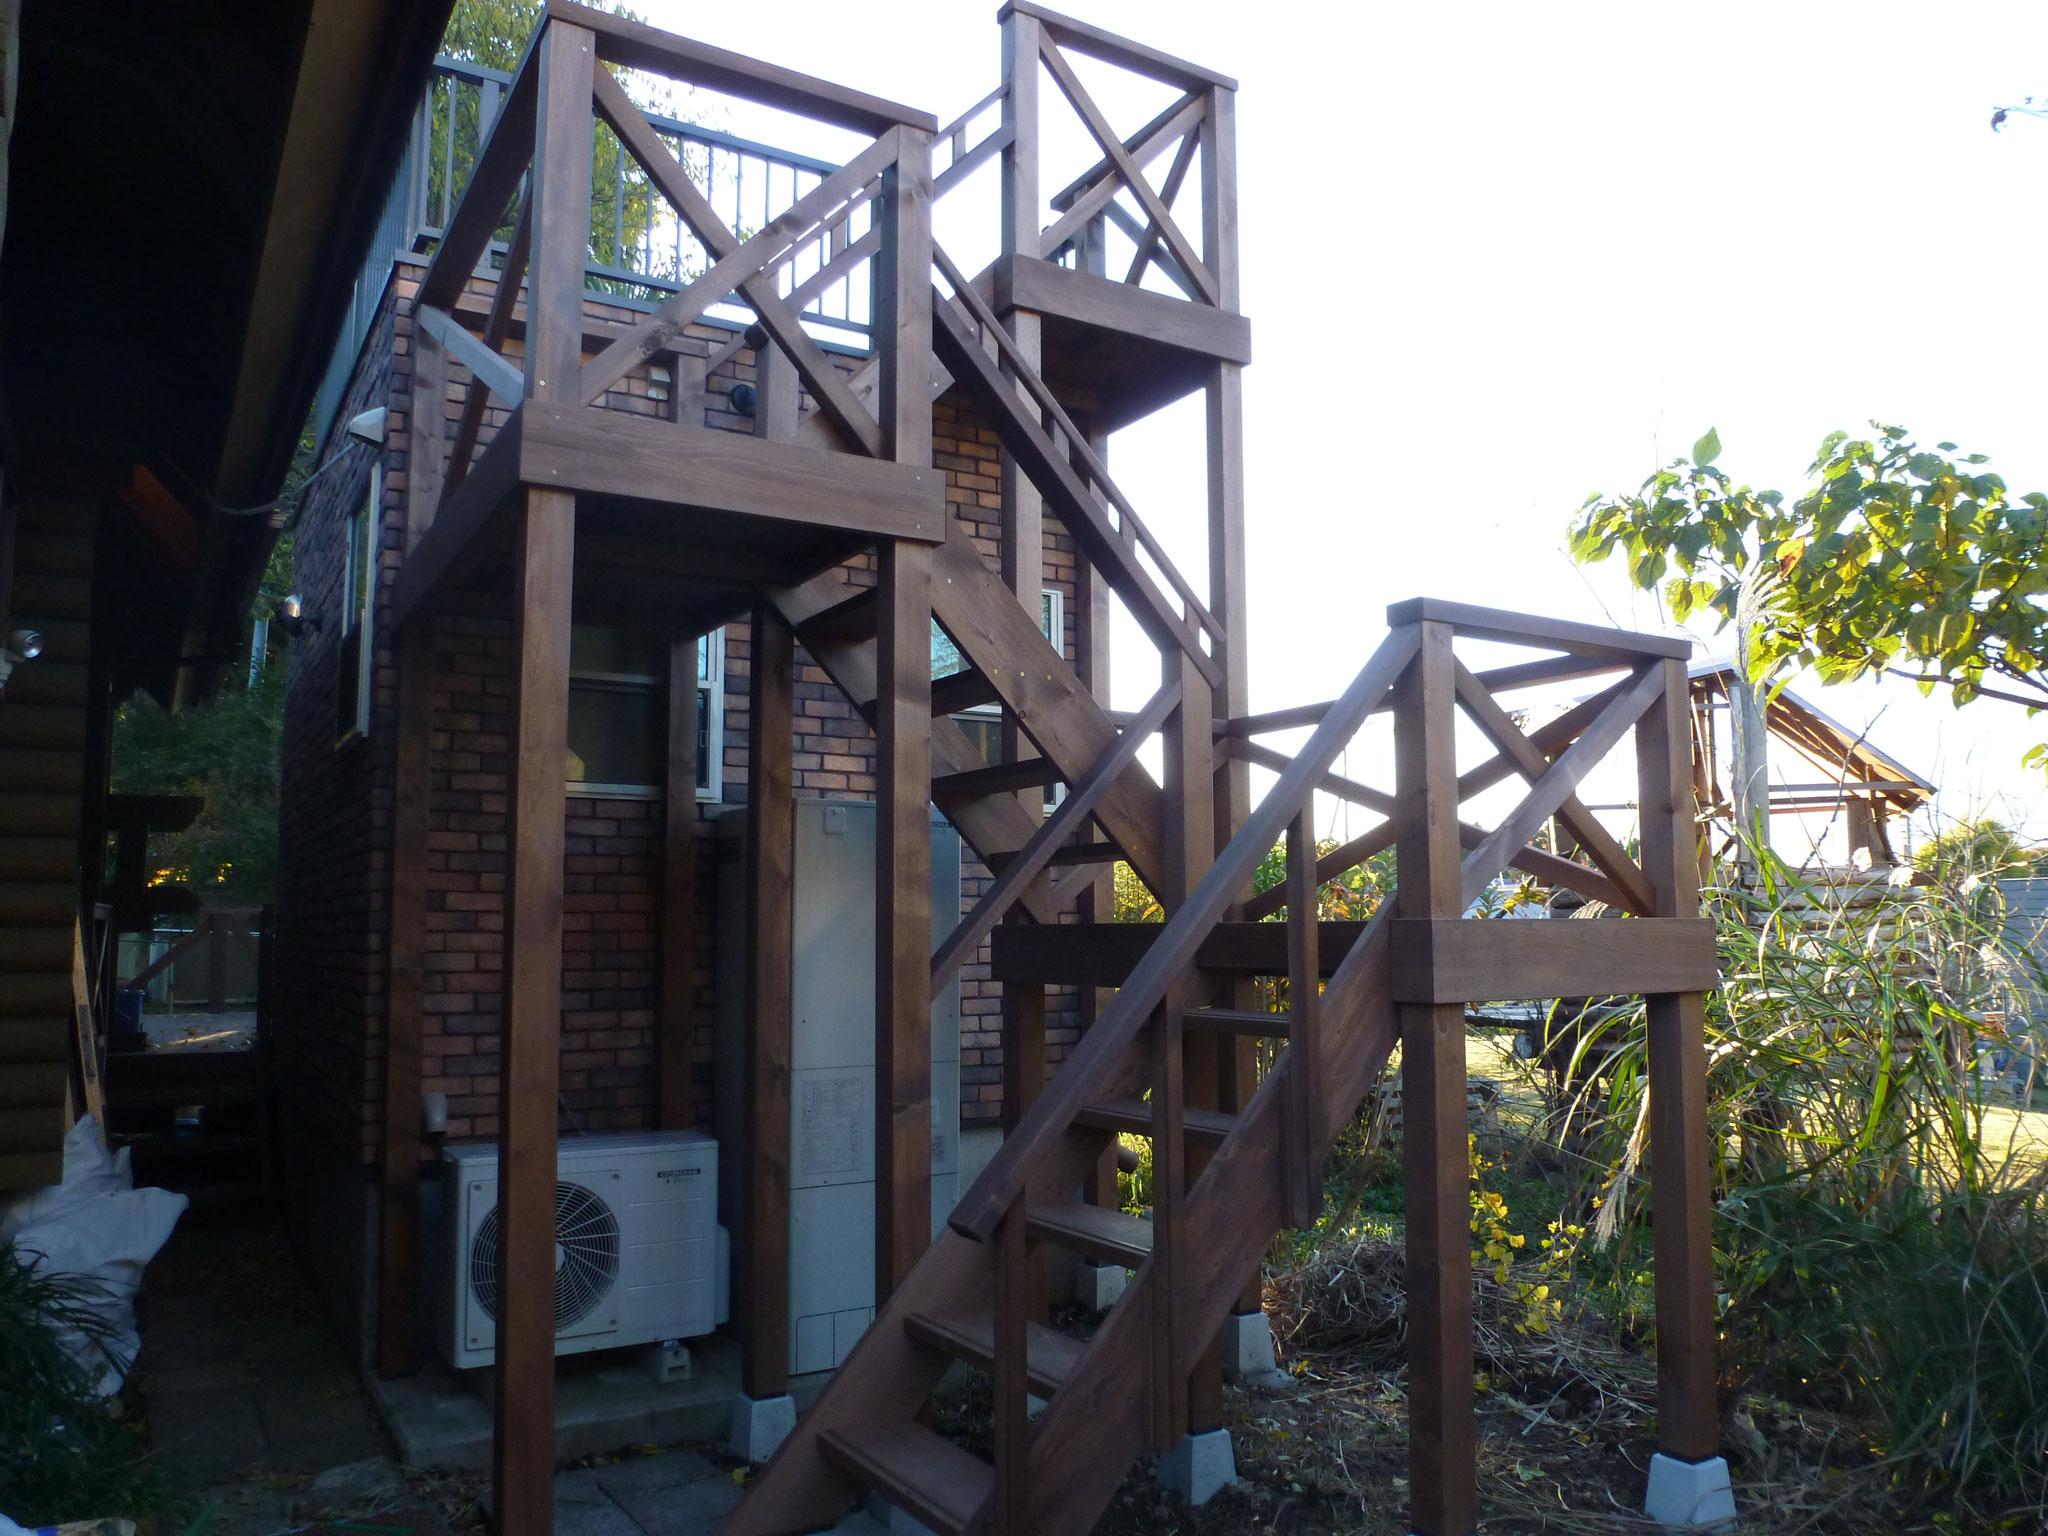 遊具のような屋上への階段